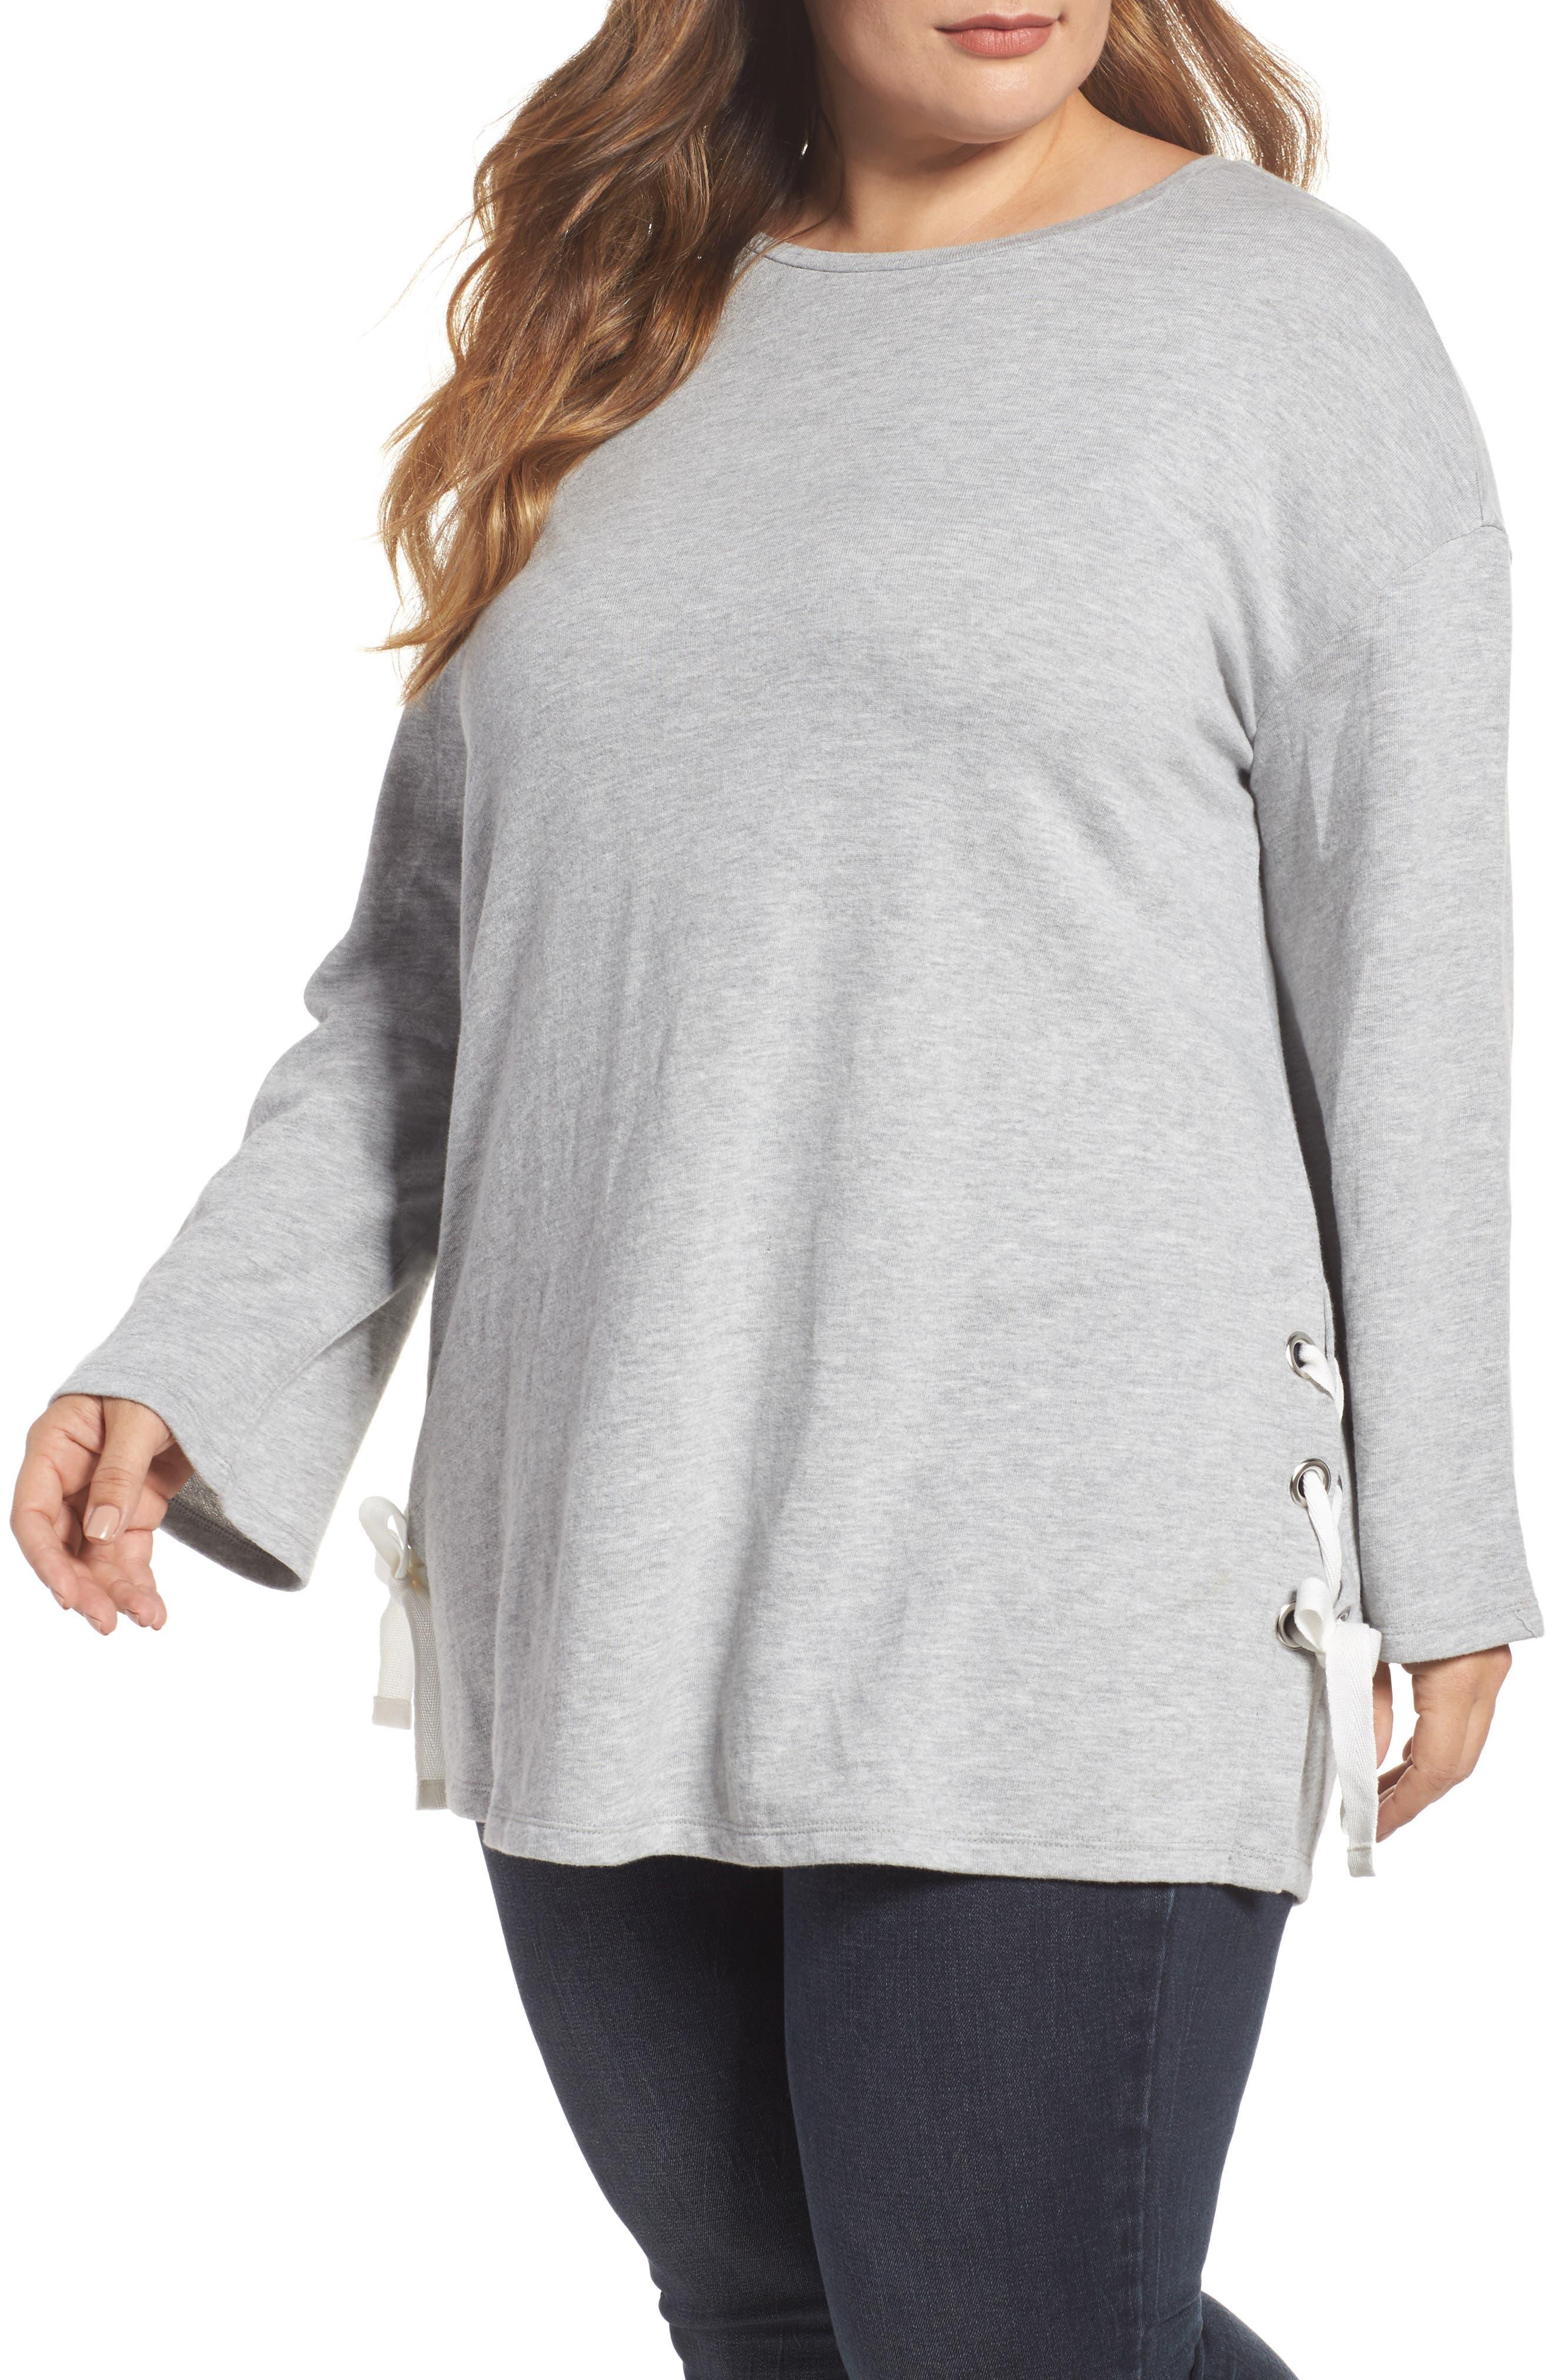 Main Image - Caslon® Lace-Up Side Sweatshirt (Plus Size)